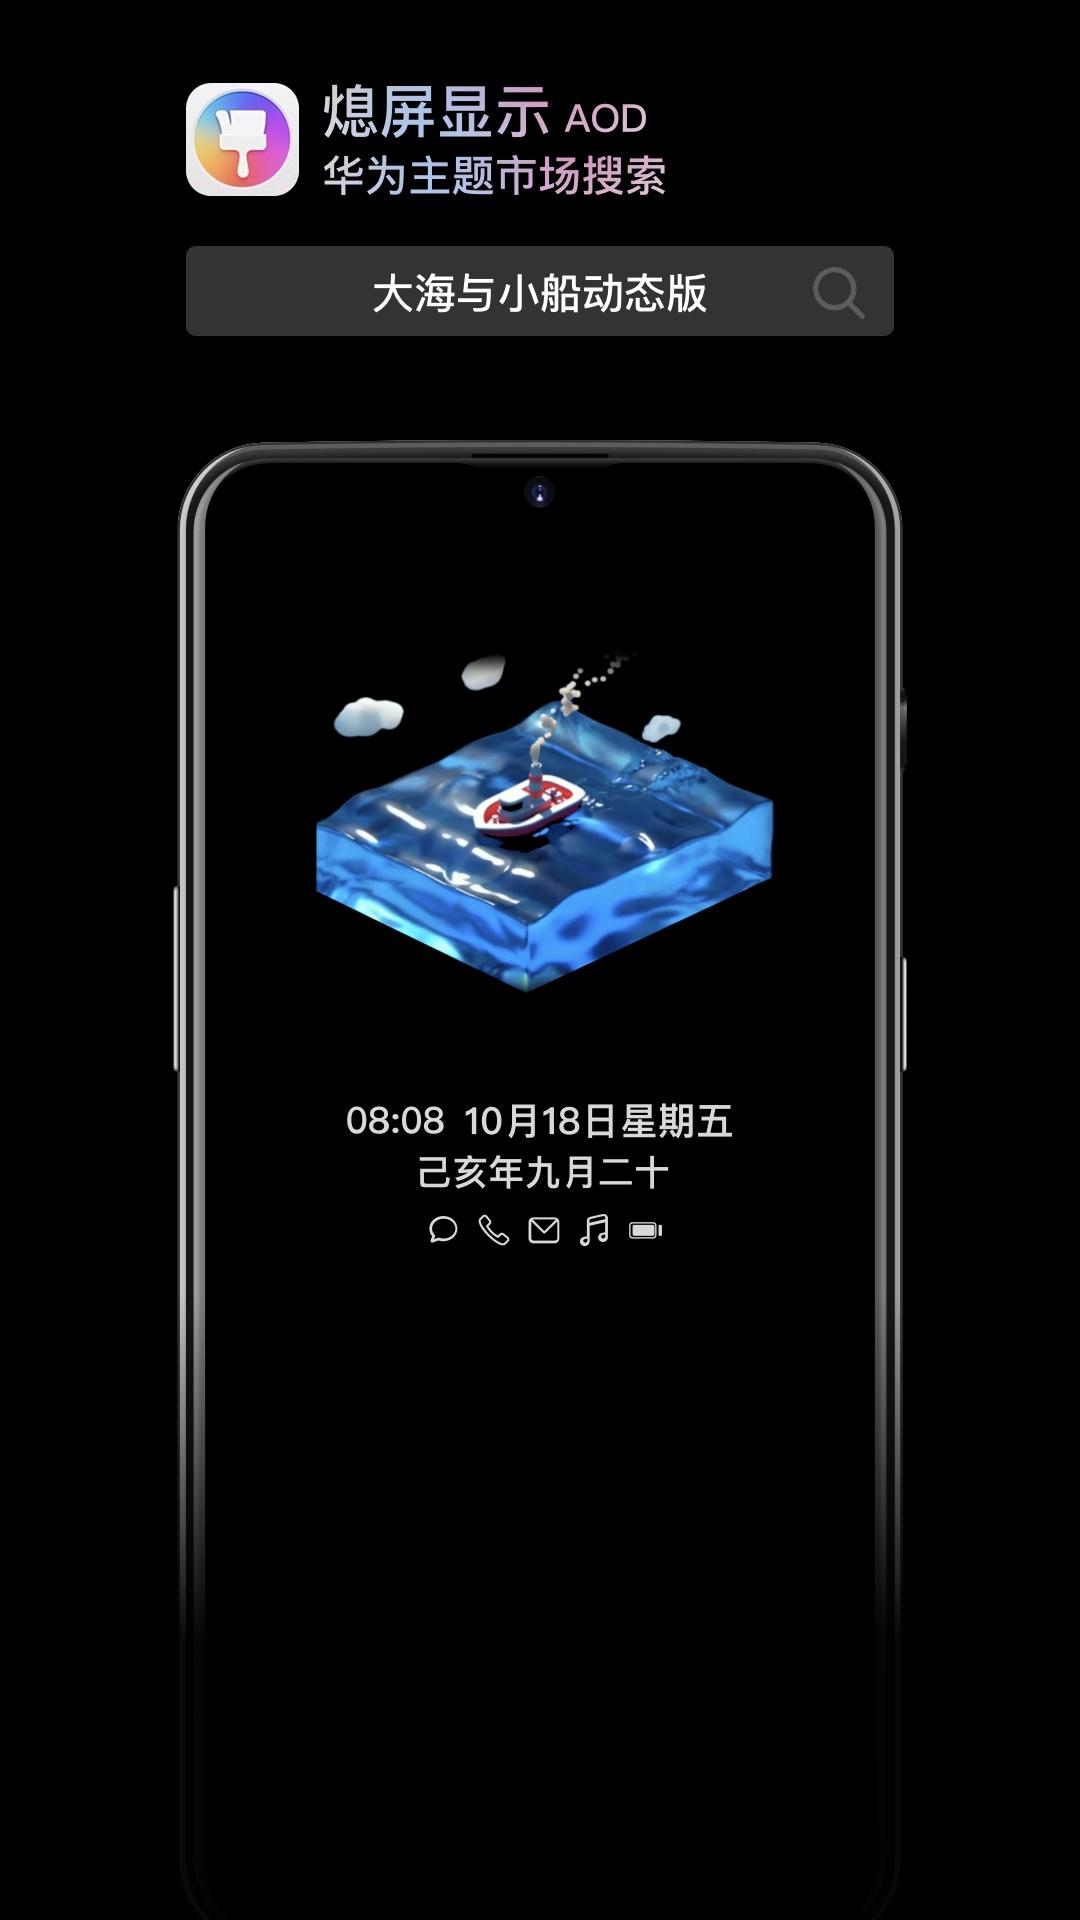 动态版宣传视频封面2.jpg